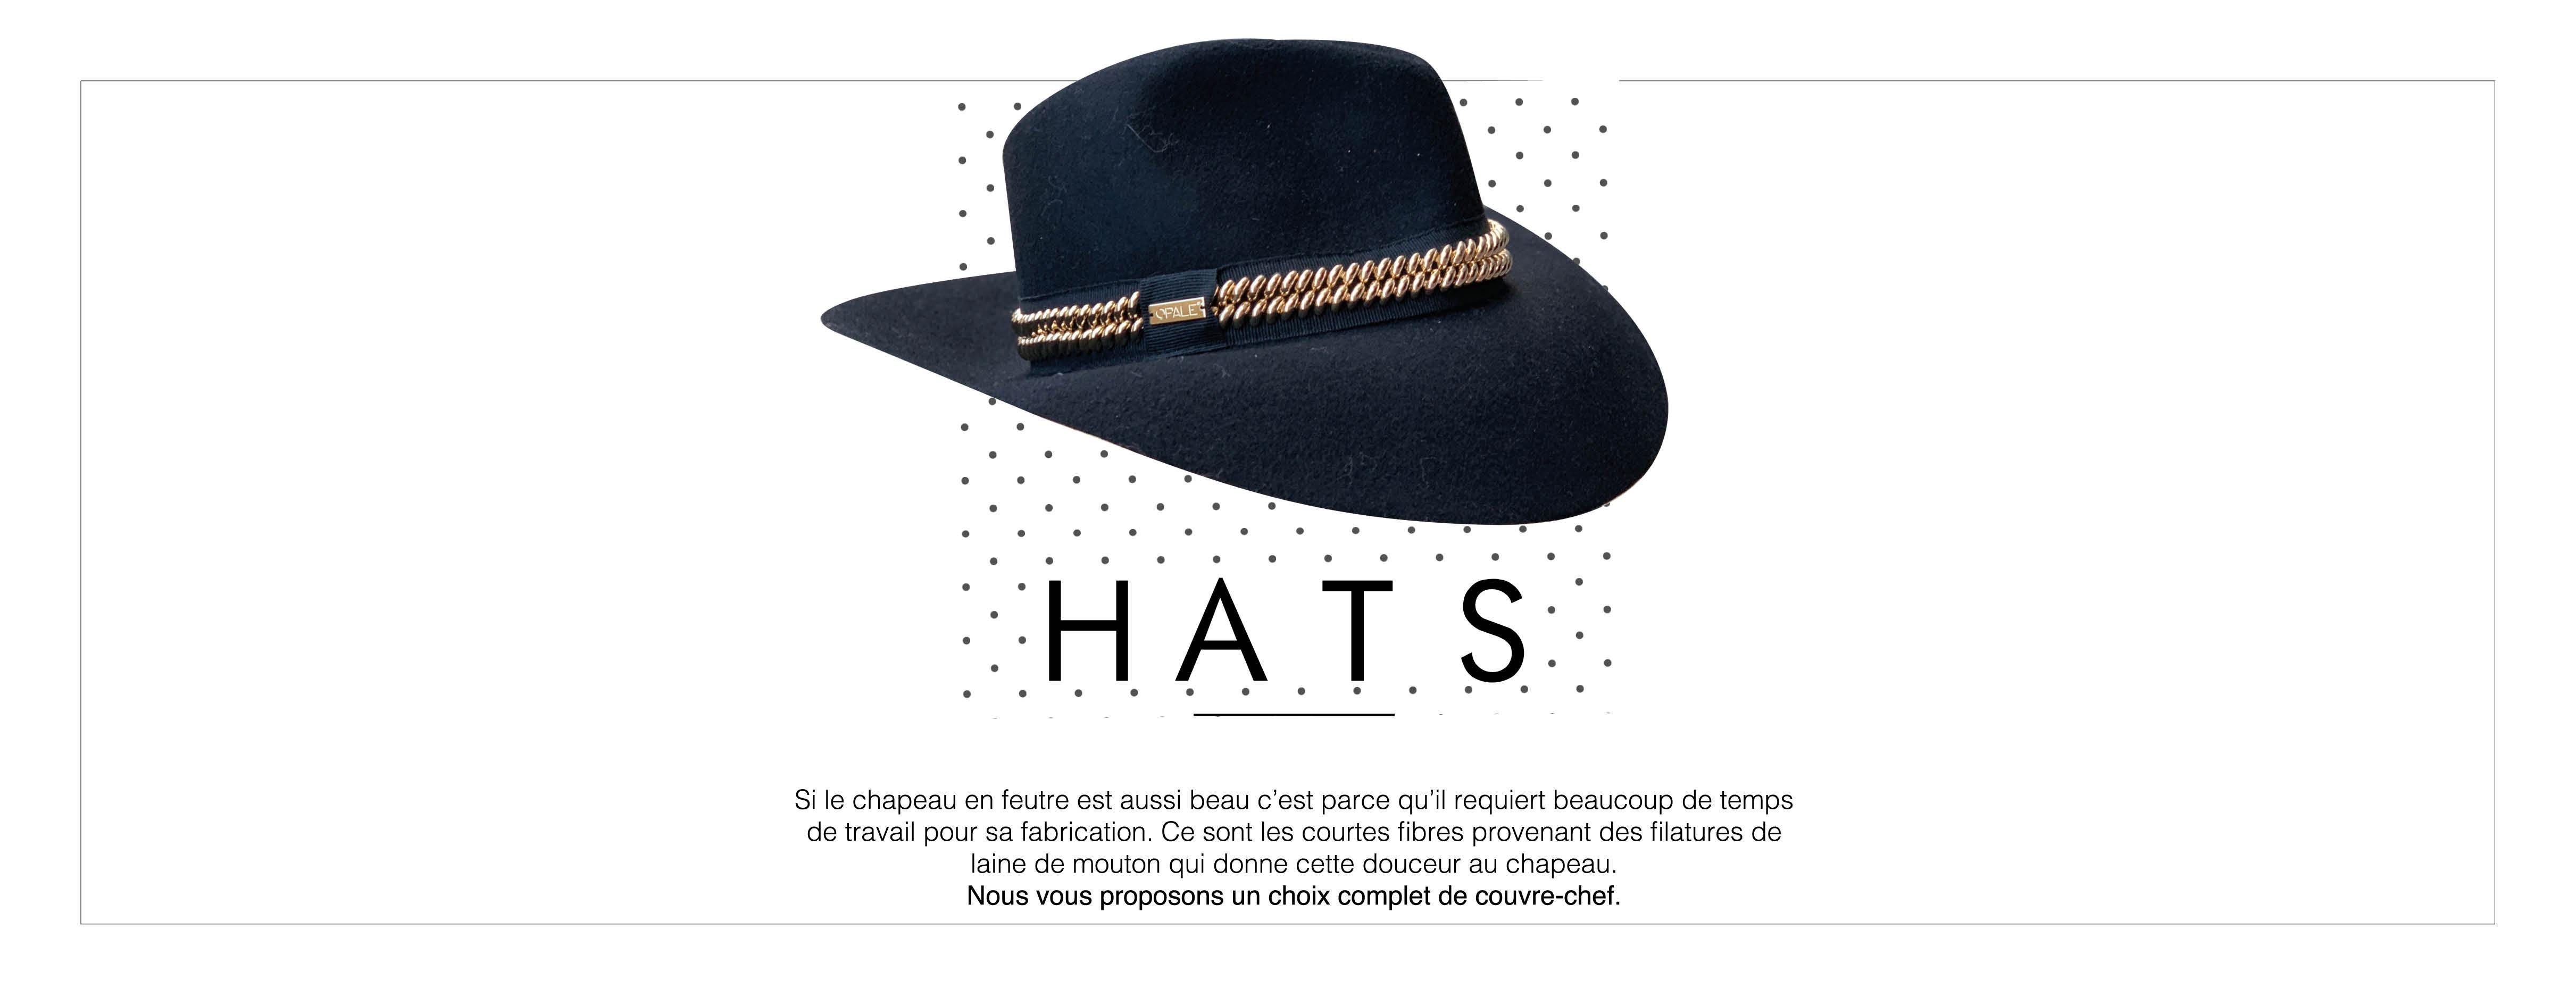 Nos jolis chapeaux en laine